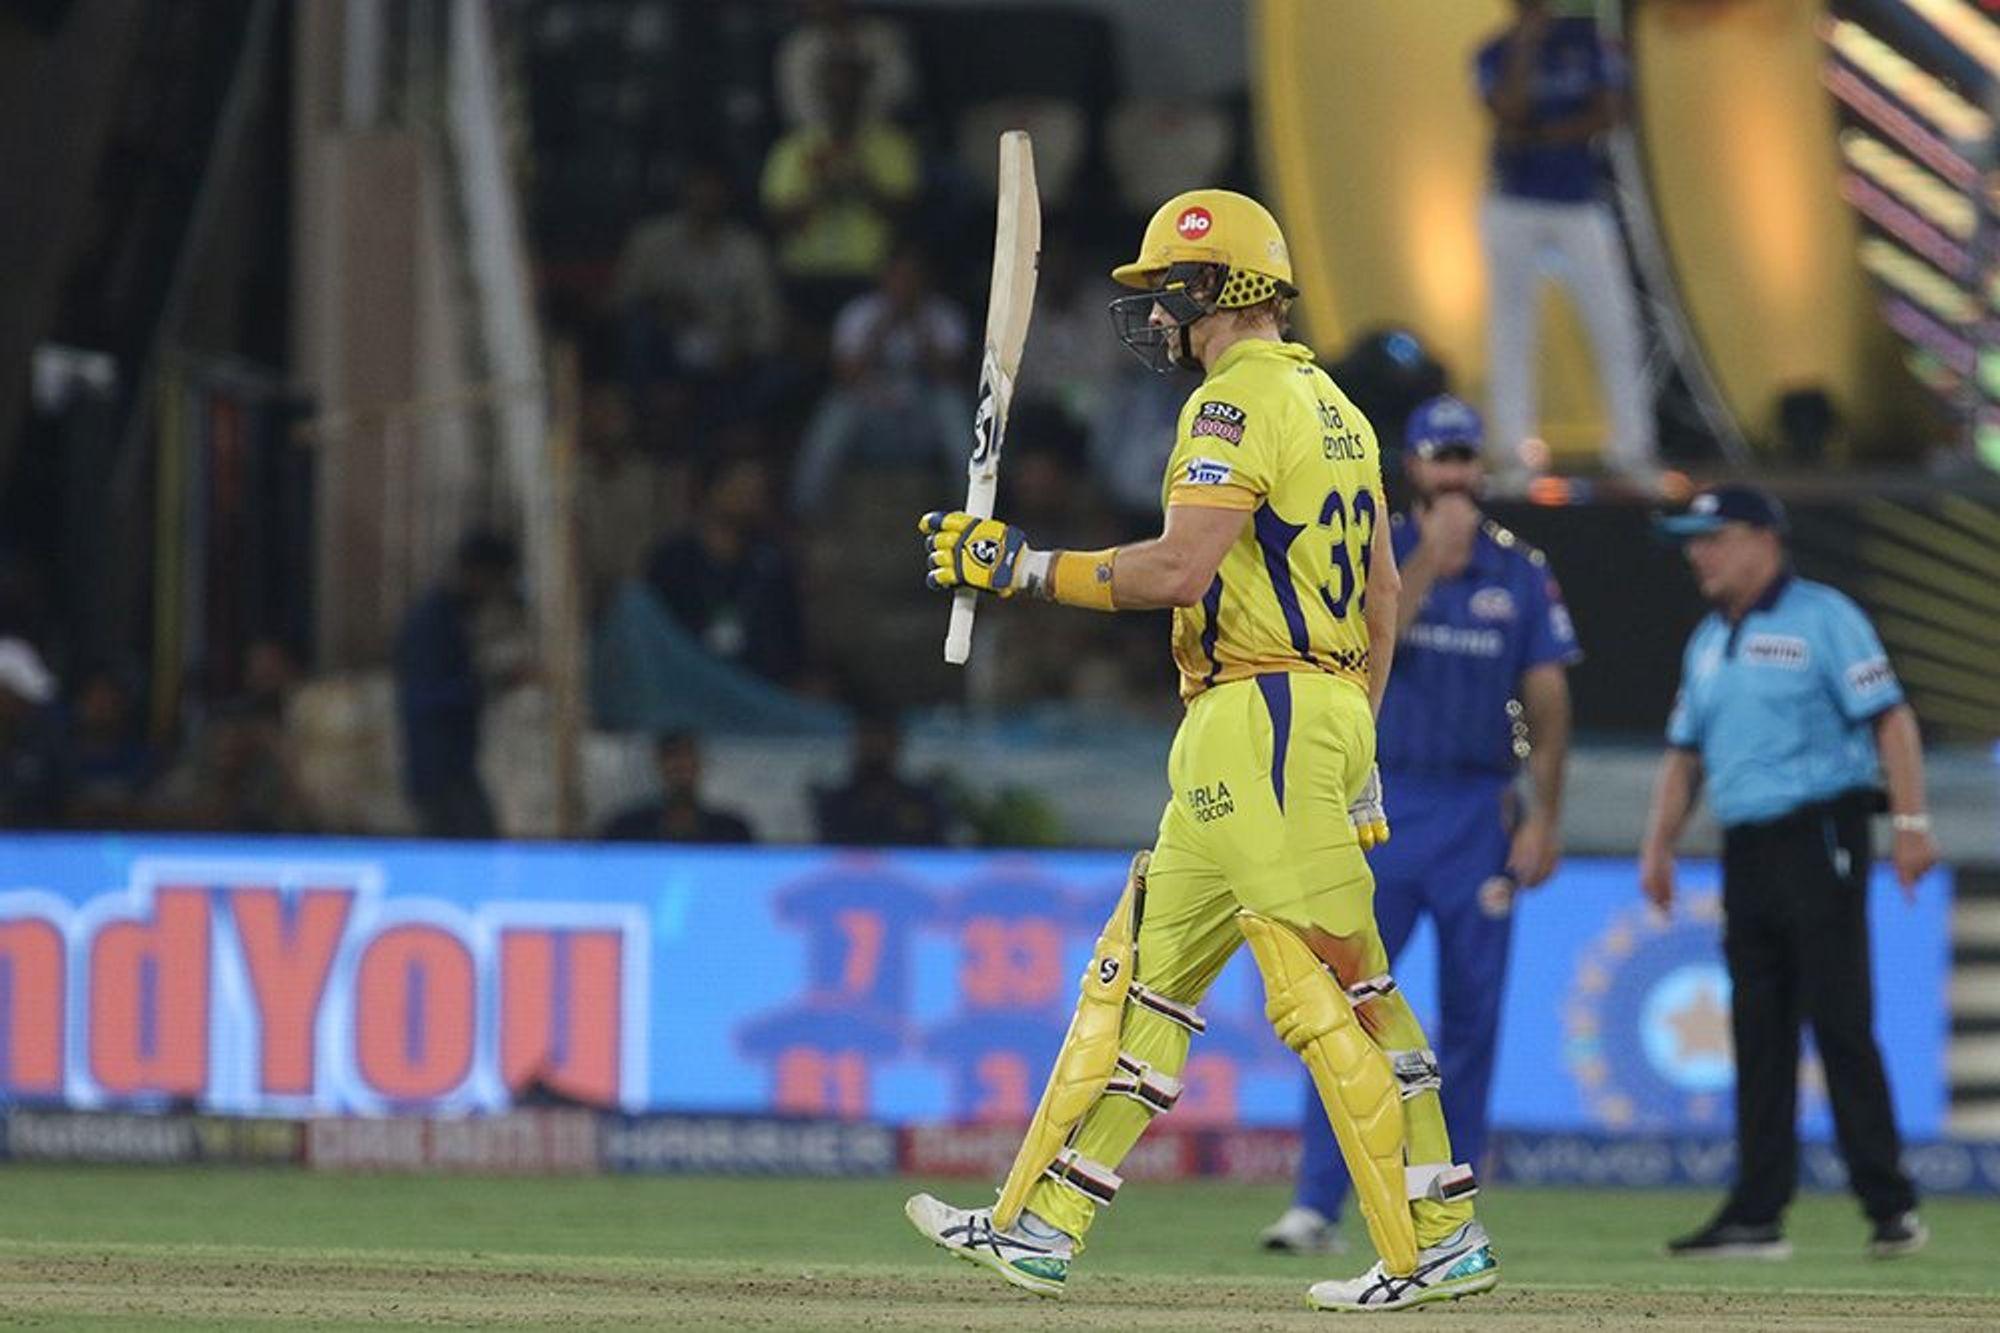 आईपीएल के मौजूदा सीजन में शेन वॉटसन ने 17 मैचों में 398 रन बनाए. इस दौरान उनके बल्ले से तीन अर्धशतक भी निकले हैं. जबकि उन्होंने दूसरे क्वालिफायर में दिल्ली के खिलाफ अर्धशतक ठोककर अपनी टीम को फाइनल तक पहुंचाया. इसके बाद वॉटसन ने मुंबई इंडियंस के खिलाफ फाइनल में भी अर्धशतक लगाकर अपनी टीम को लगभग जीत दिला दी थी लेकिन घुटने में लगी चोट के चलते वो ऐसा नहीं कर पाए.(Photo-IPL)